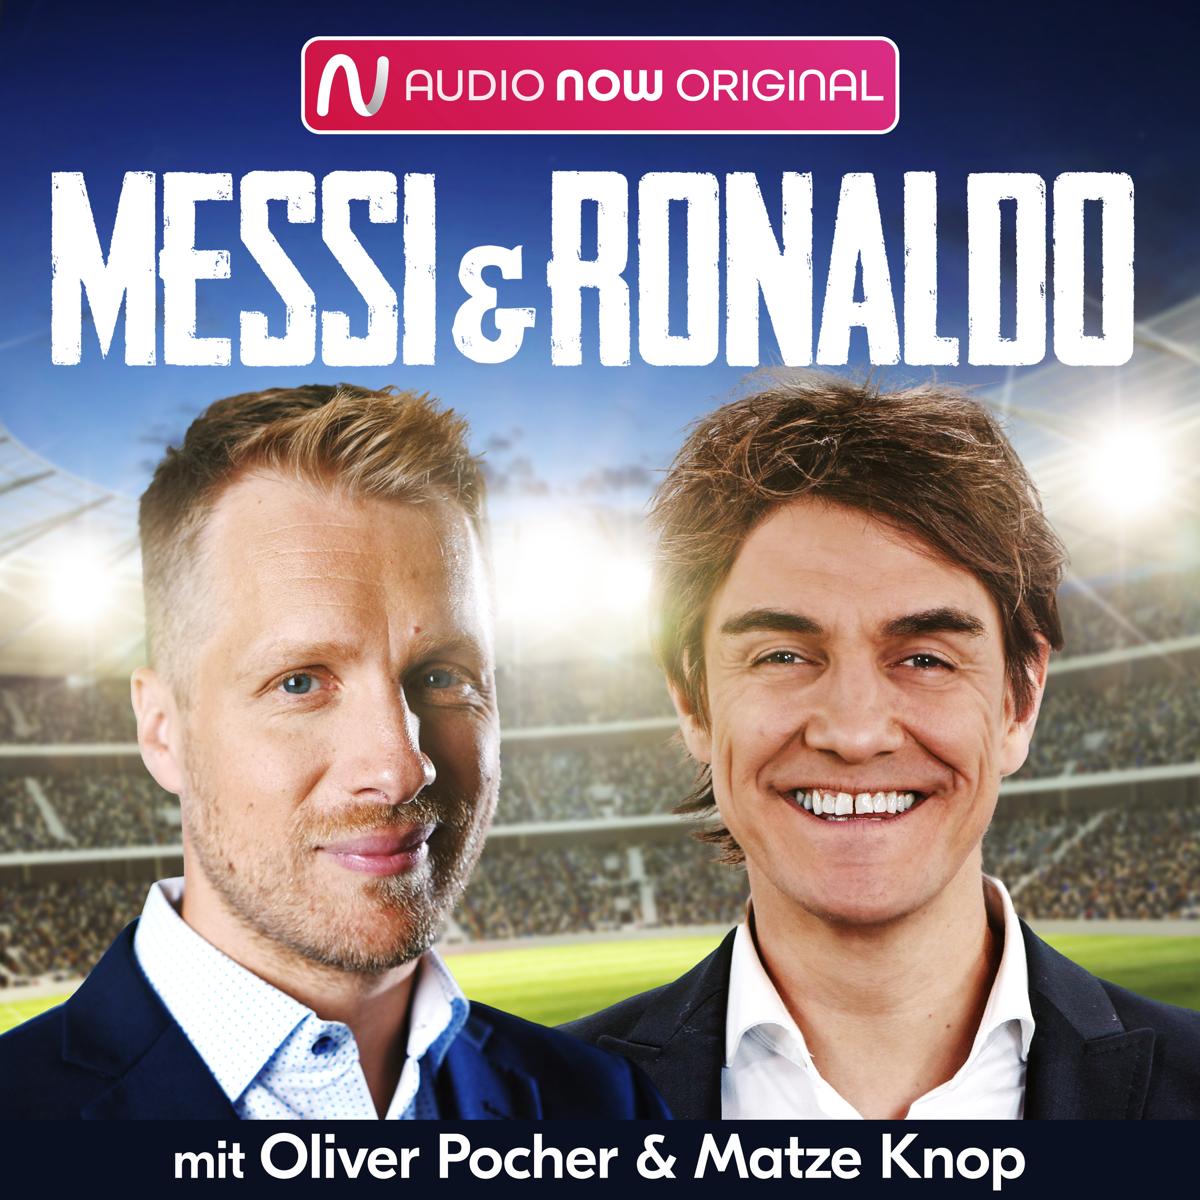 Messi & Ronaldo - Oliver Pocher und Matze Knop starten Fußball-Podcast (Bild: ©AUDIO NOW)